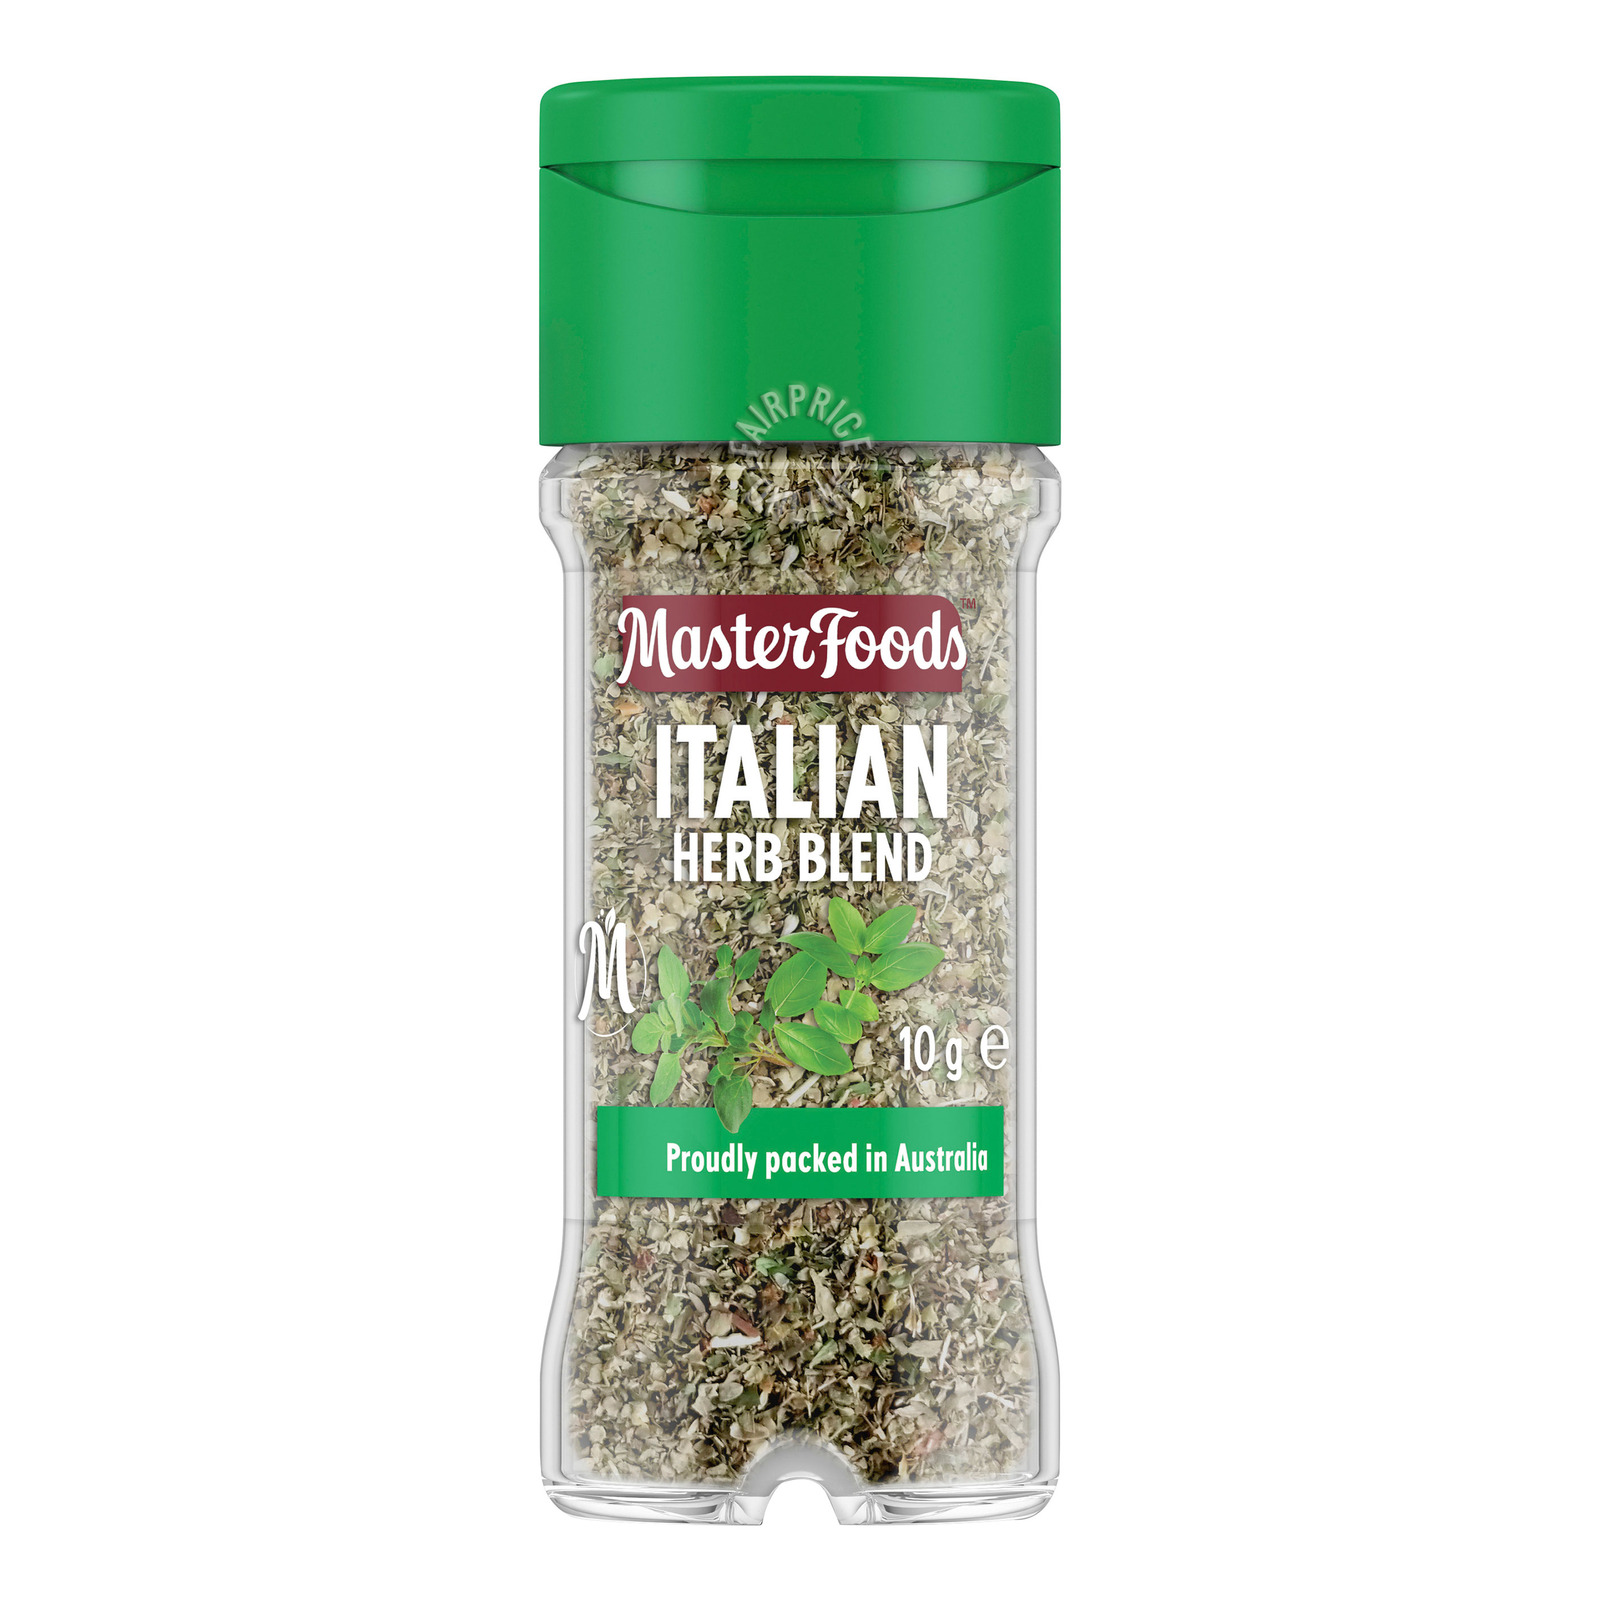 MasterFoods Herbs - Italian Herbs